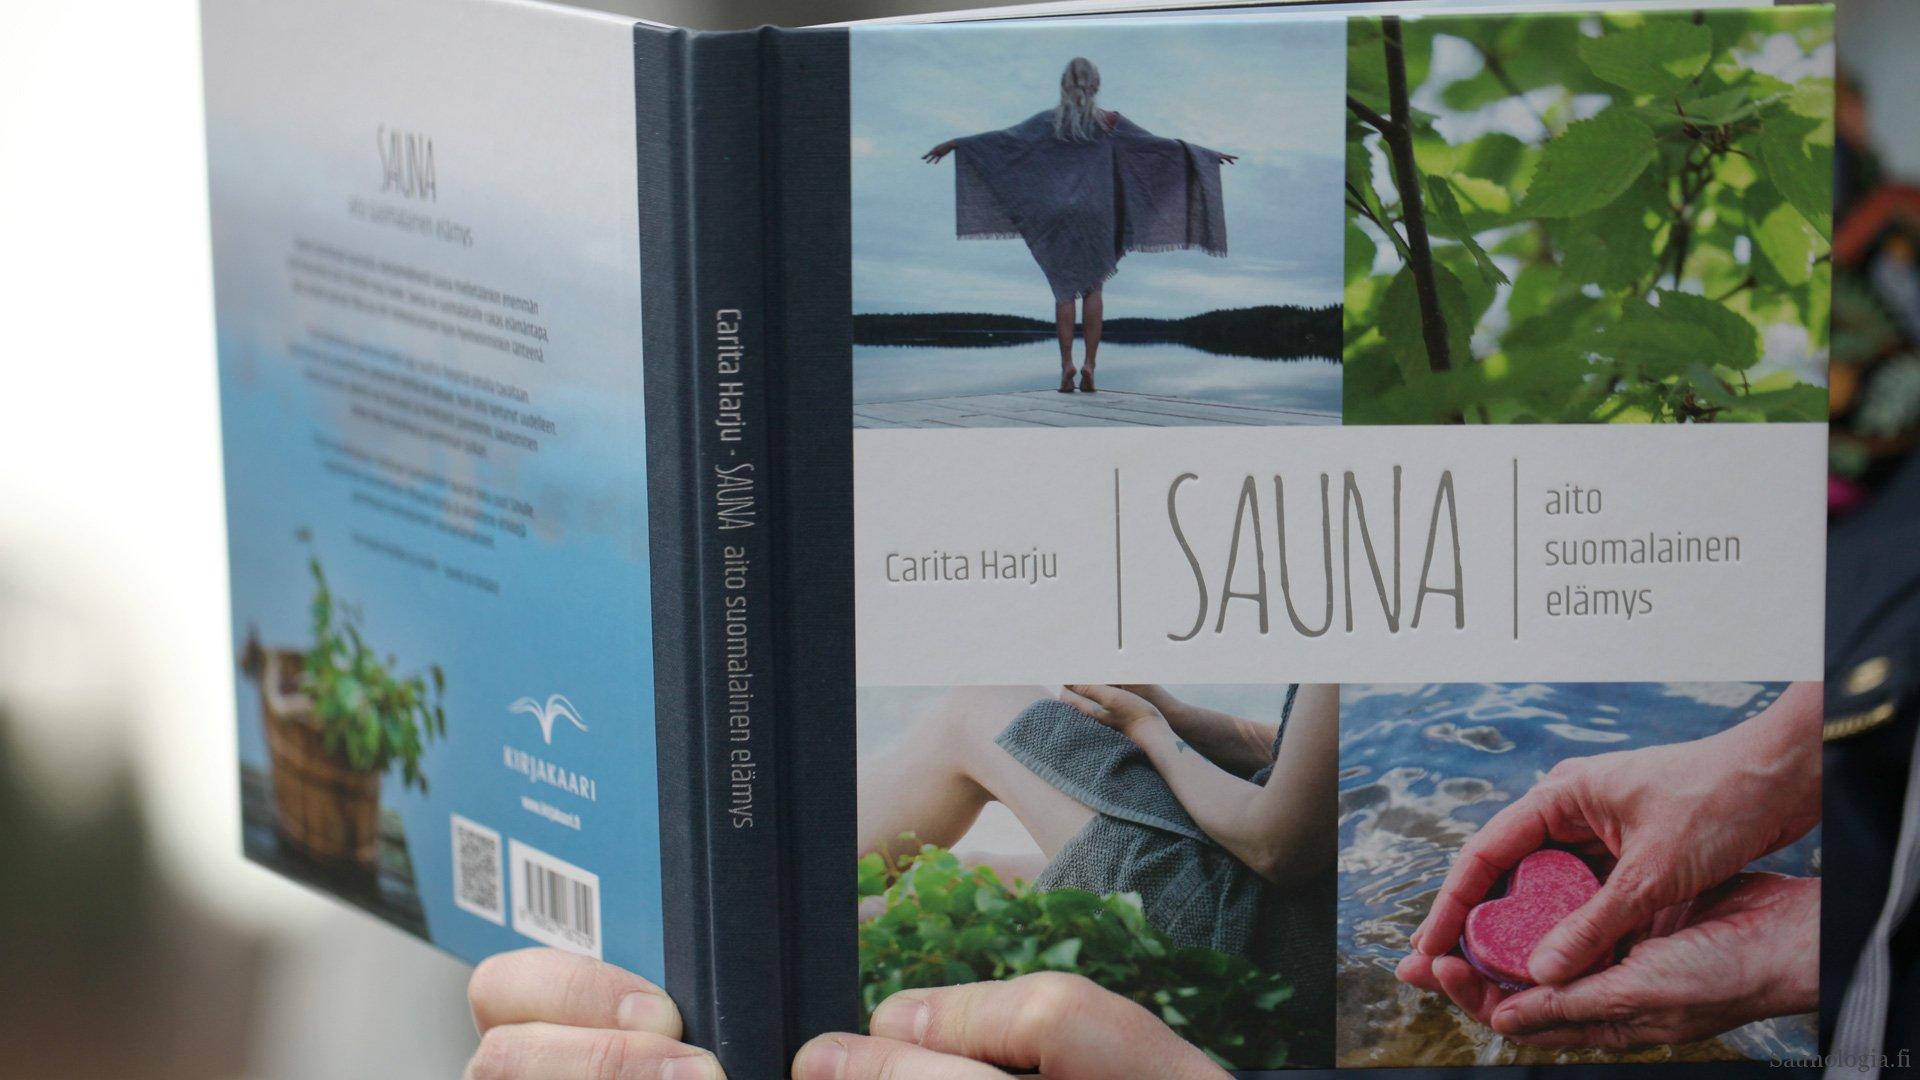 Kirja-arvio: Carita Harju – Sauna aito suomalainen elämys